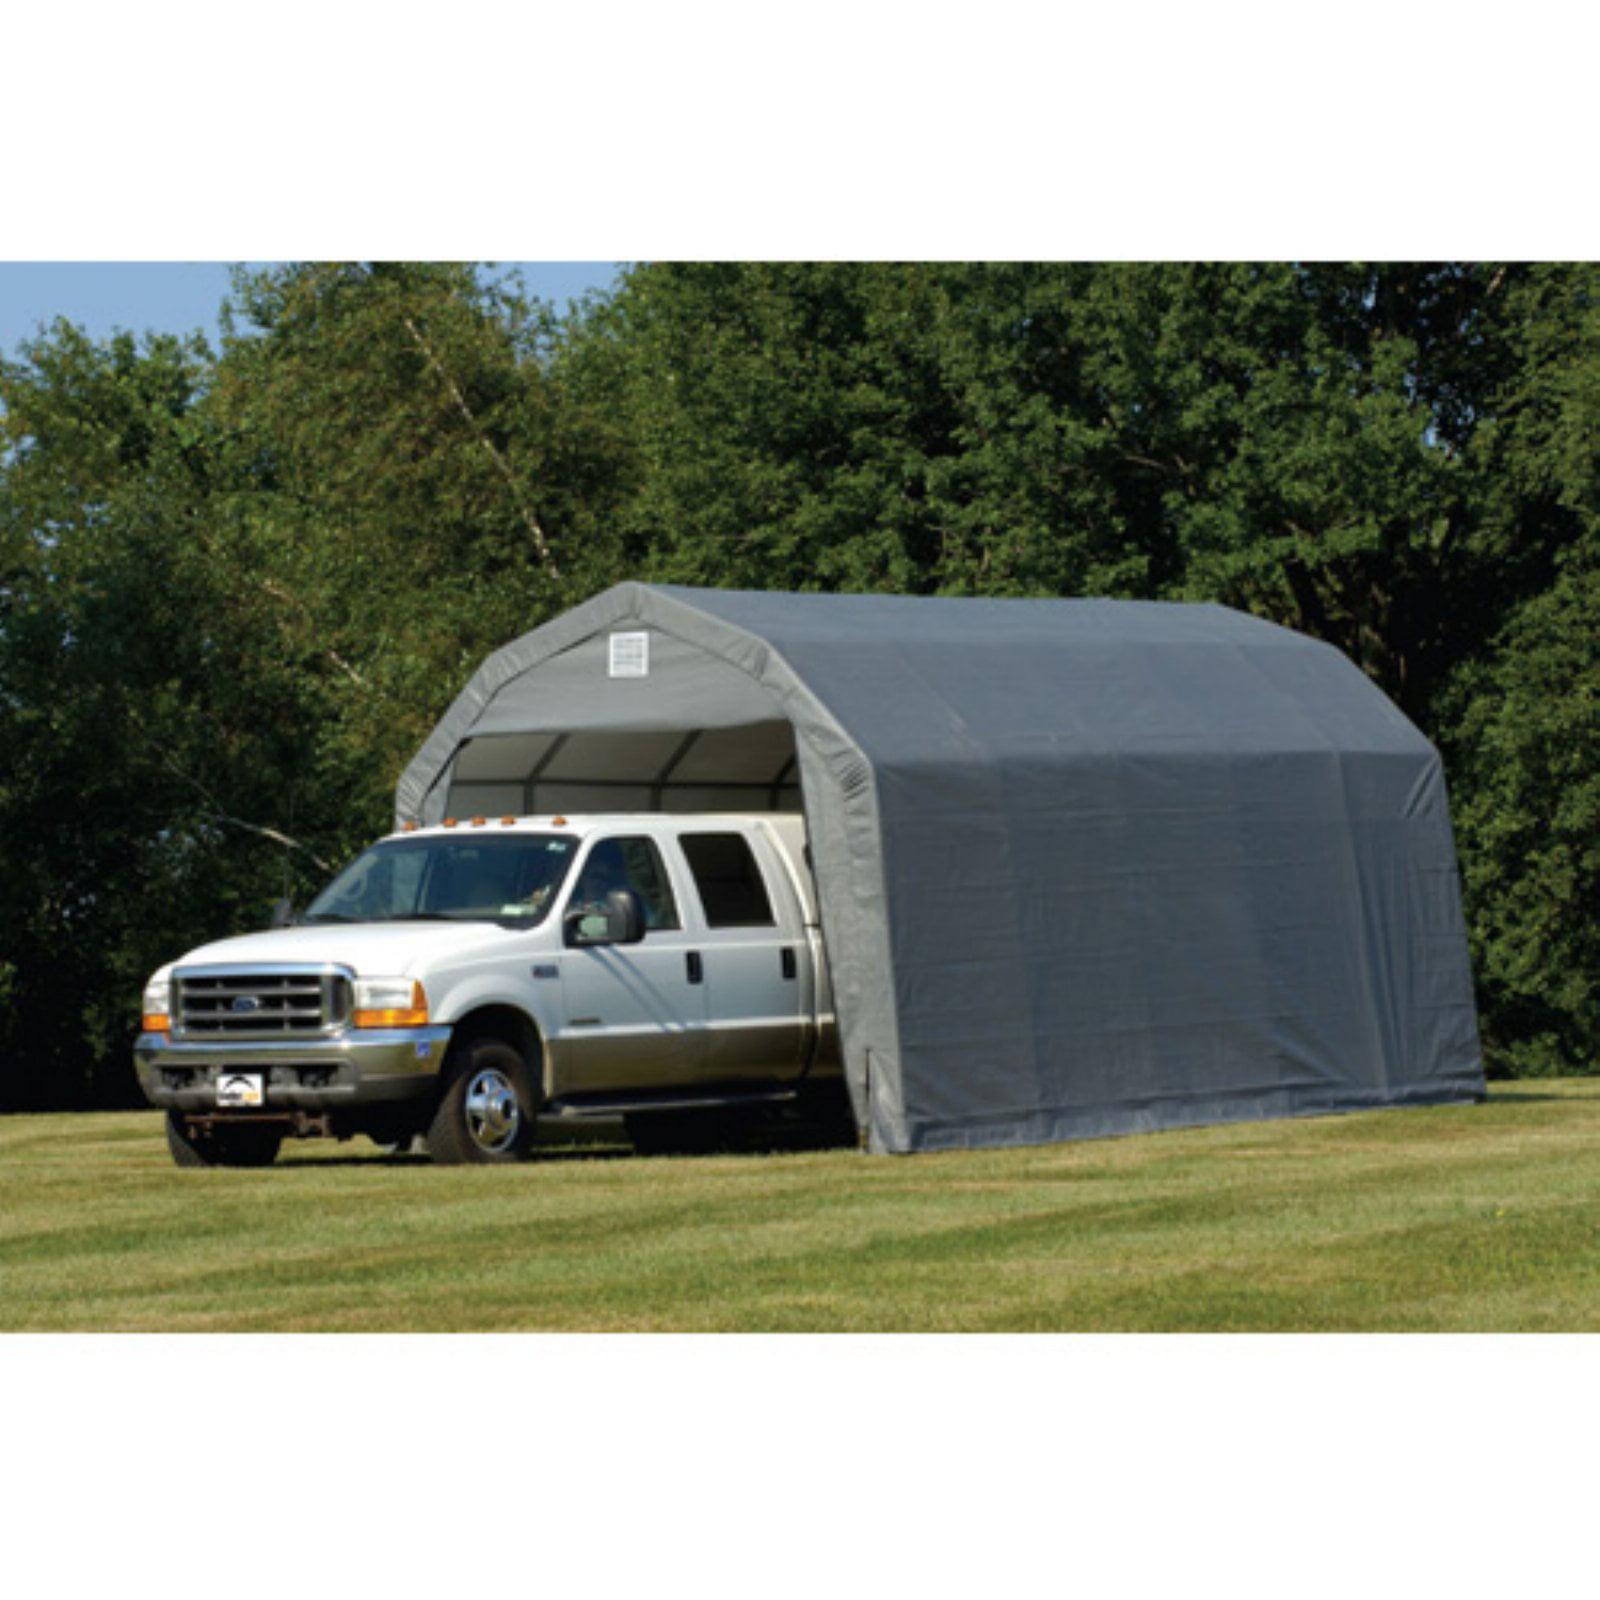 Shelterlogic 12' x 28' x 11' Barn Style Carport Shelter